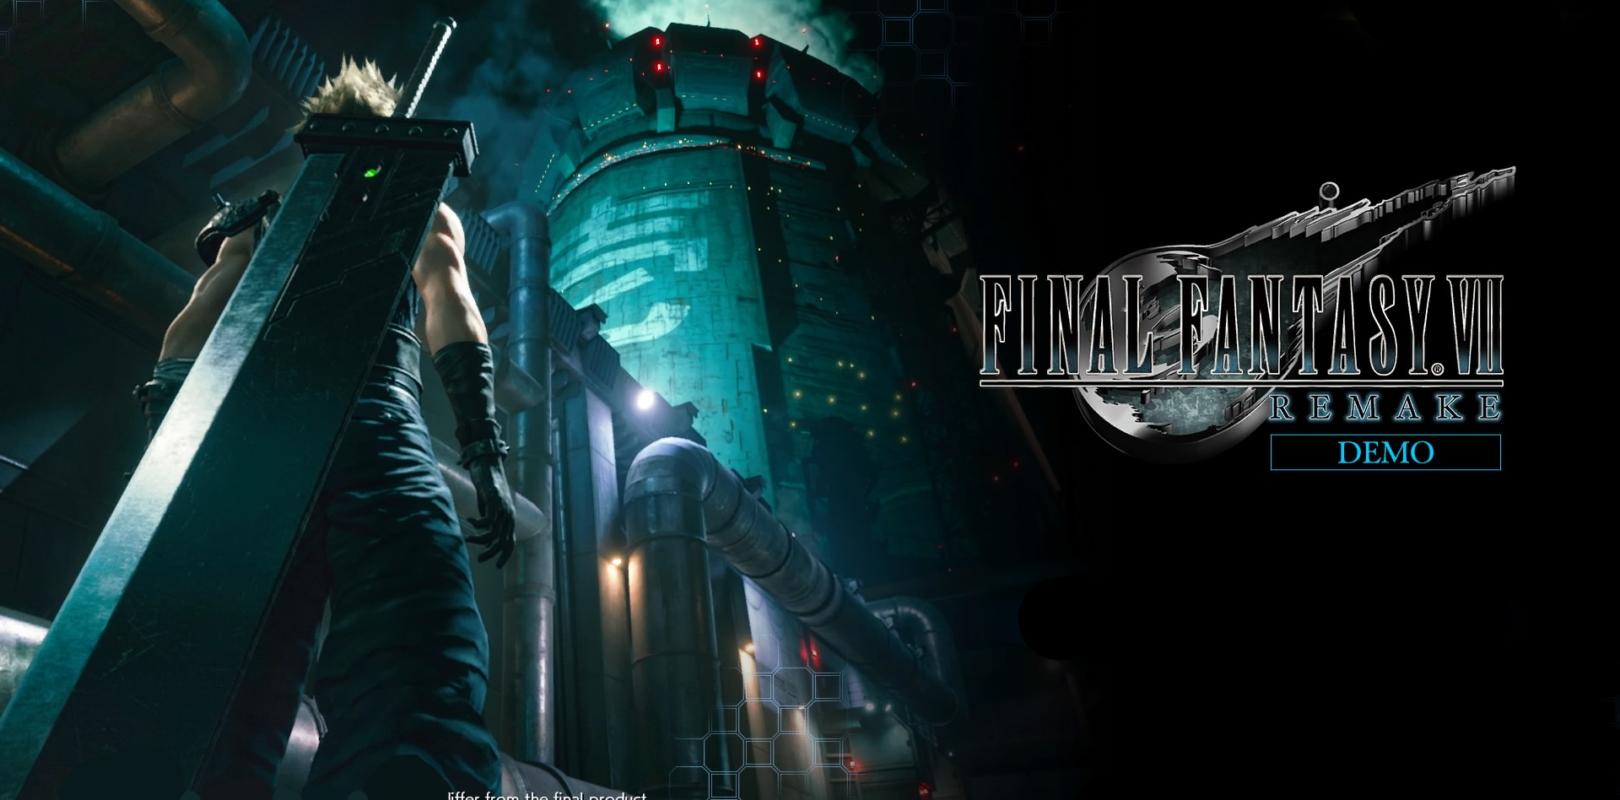 Final Fantasy Vii Remake Demo N For Nerds Official Blog